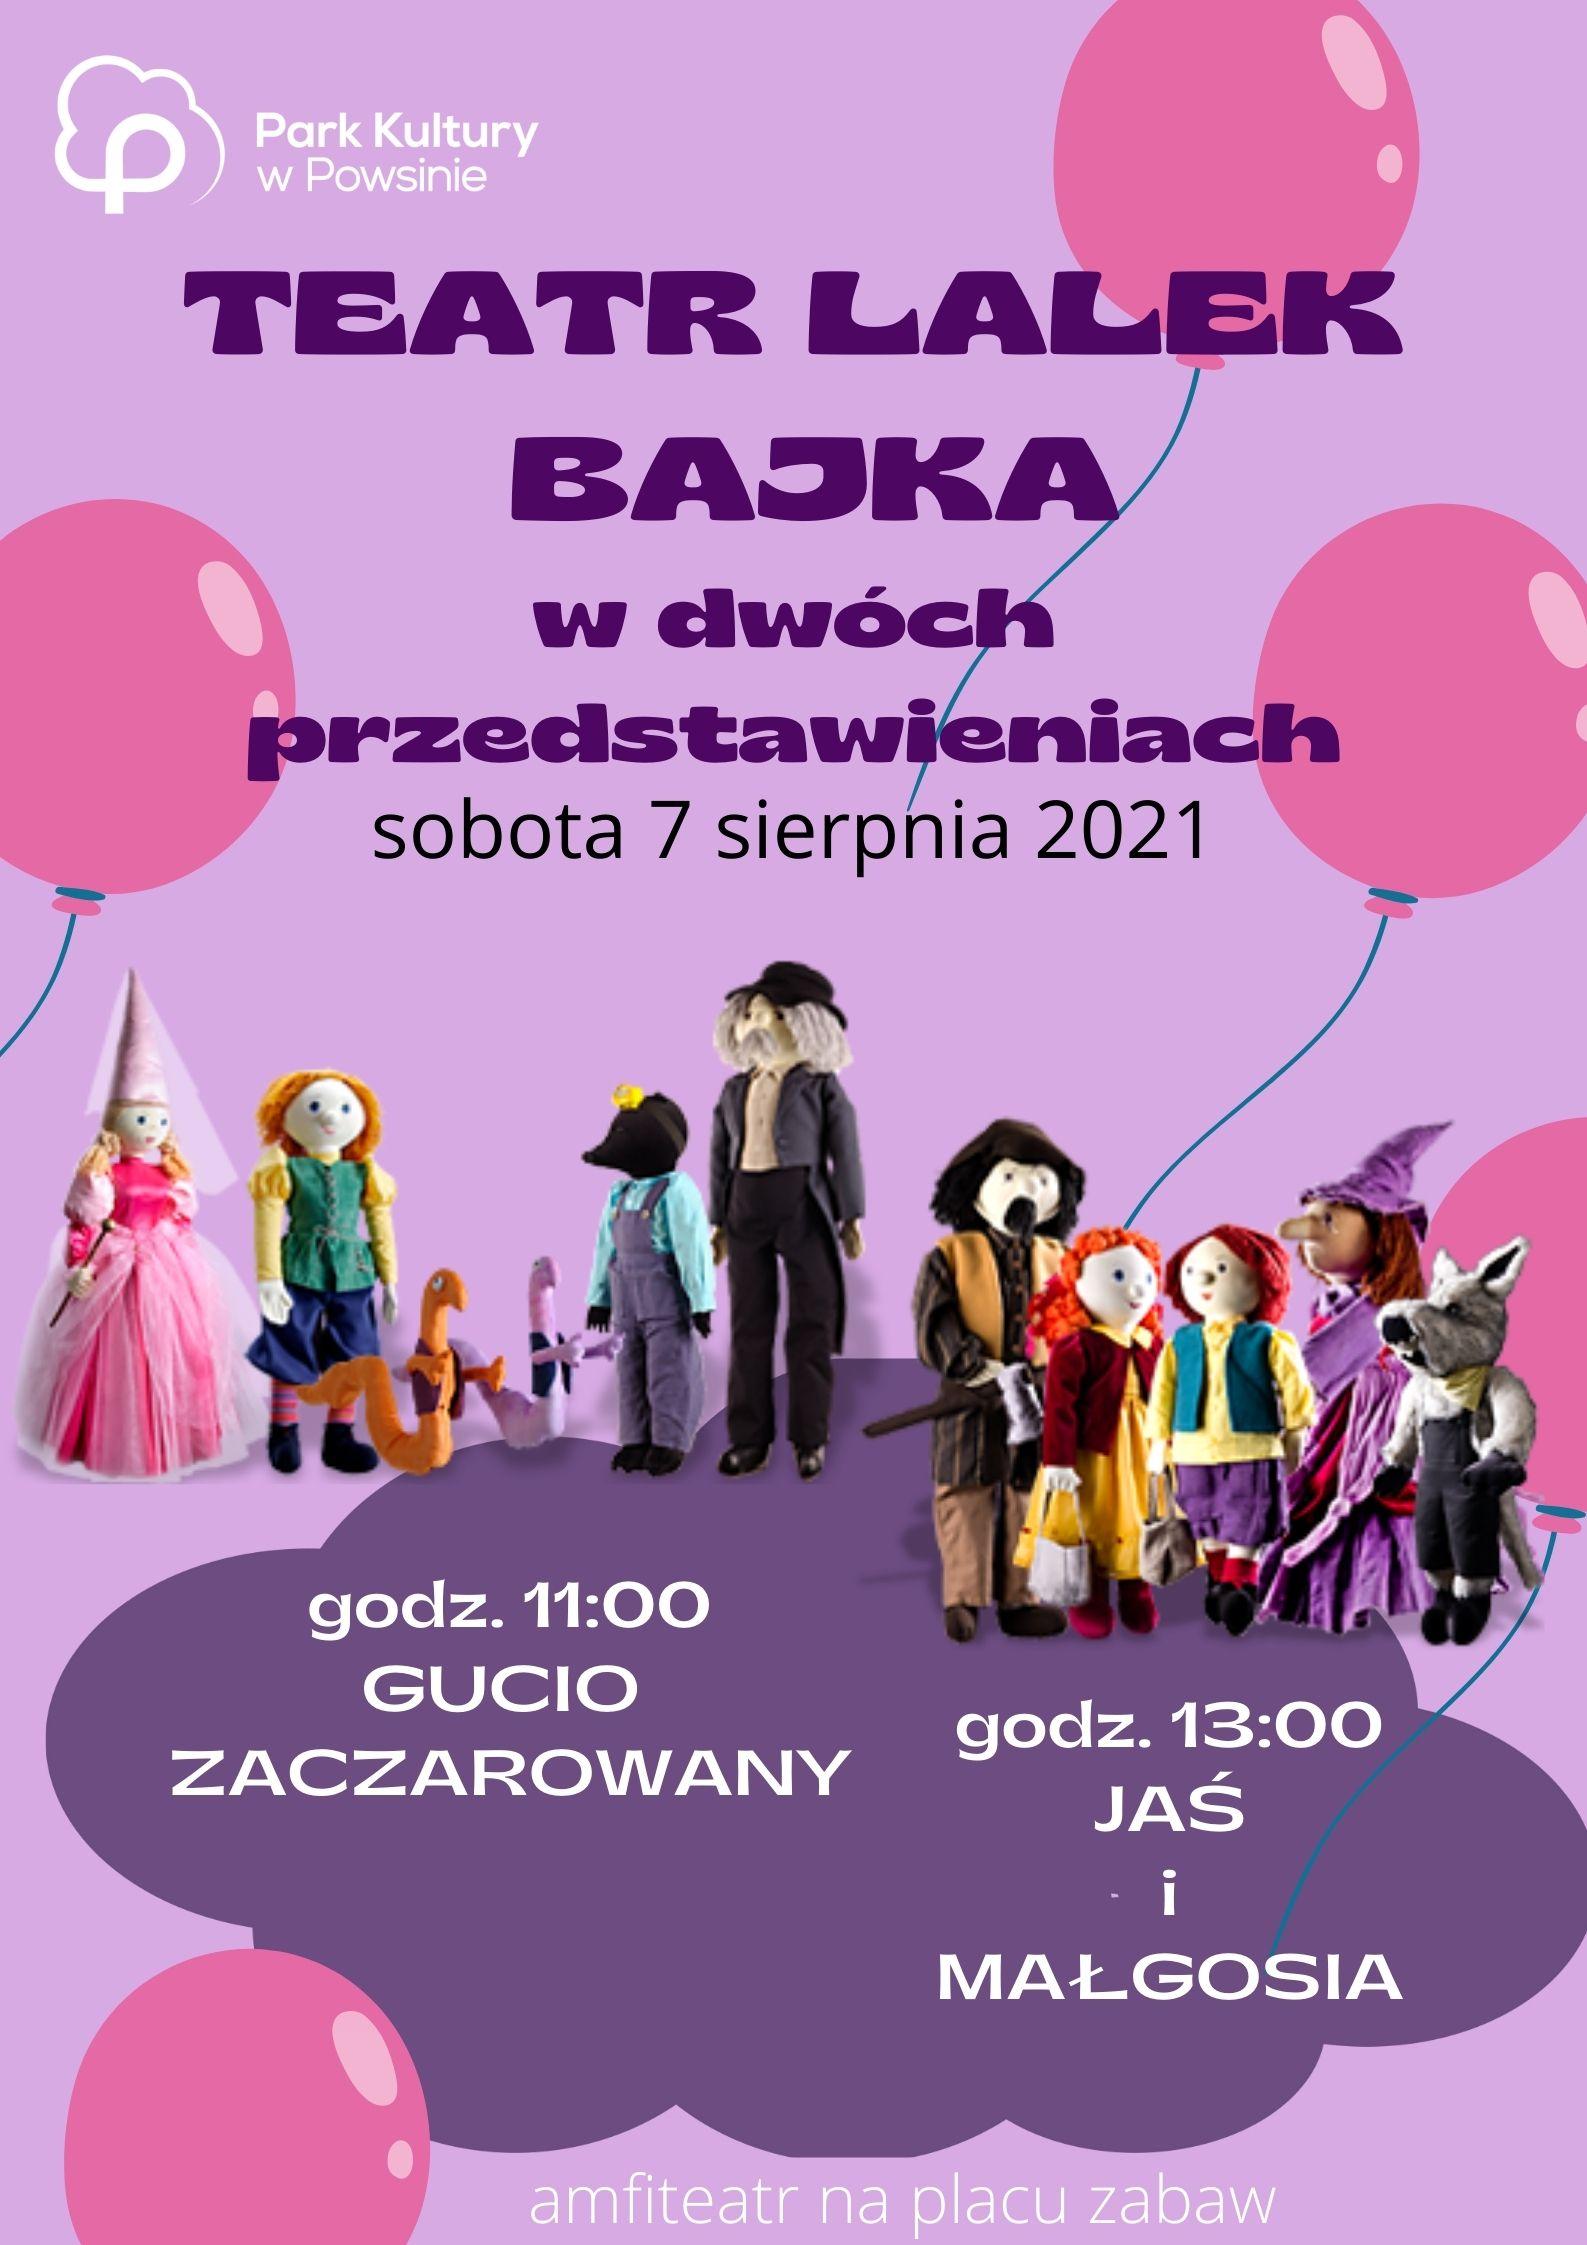 plakat z informacja o spektaklu teatru lalek bajka pod tytulem gucio zaczarowany i jas i małgosia